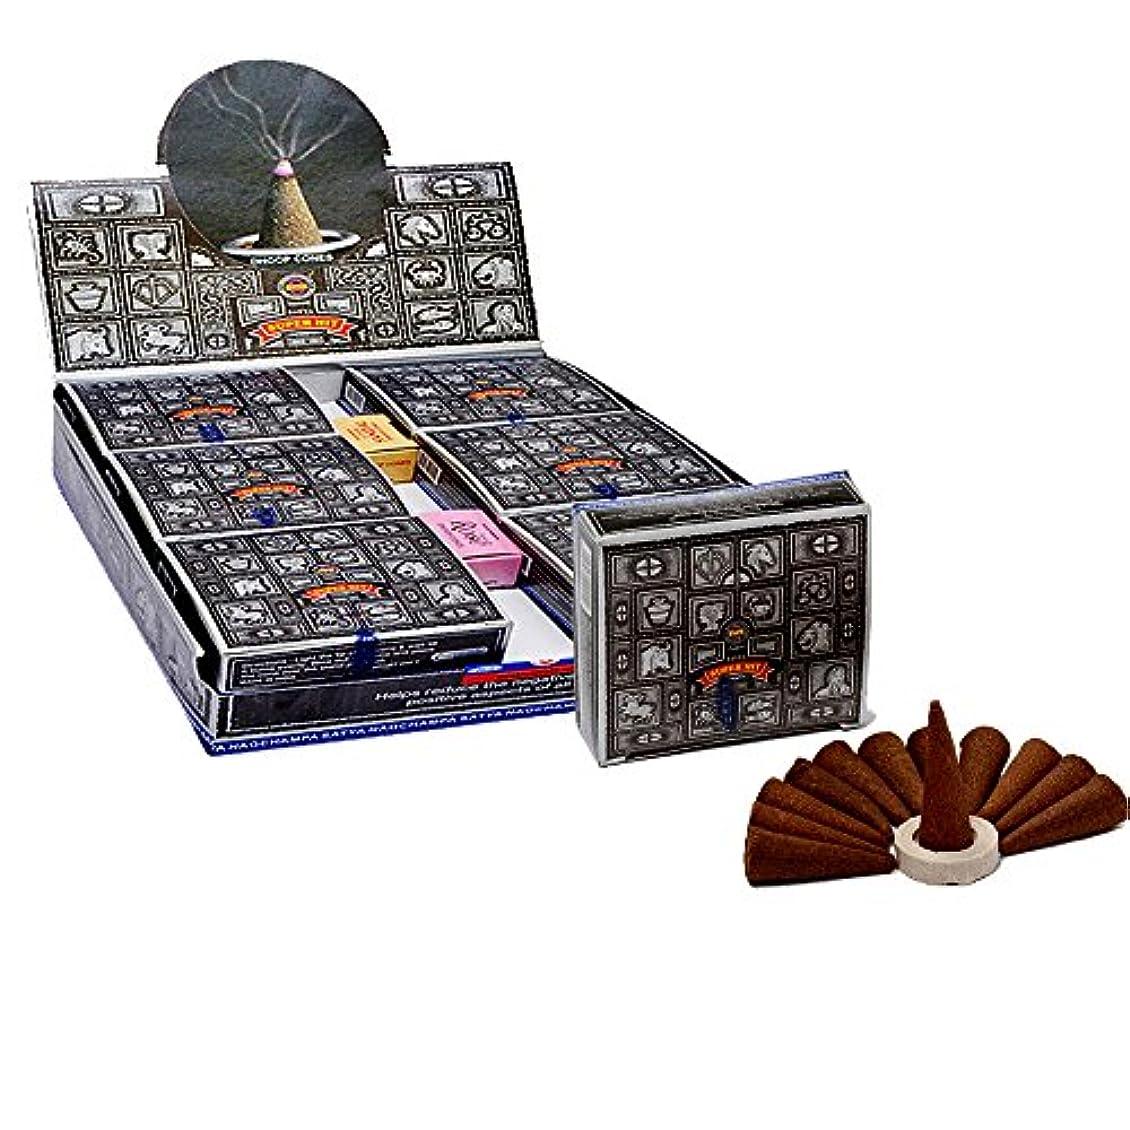 オーバーフロー前提条件ブルームSatyaスーパーヒットTemple Incense Cones、12 Cones in aパック、12パックin aボックス